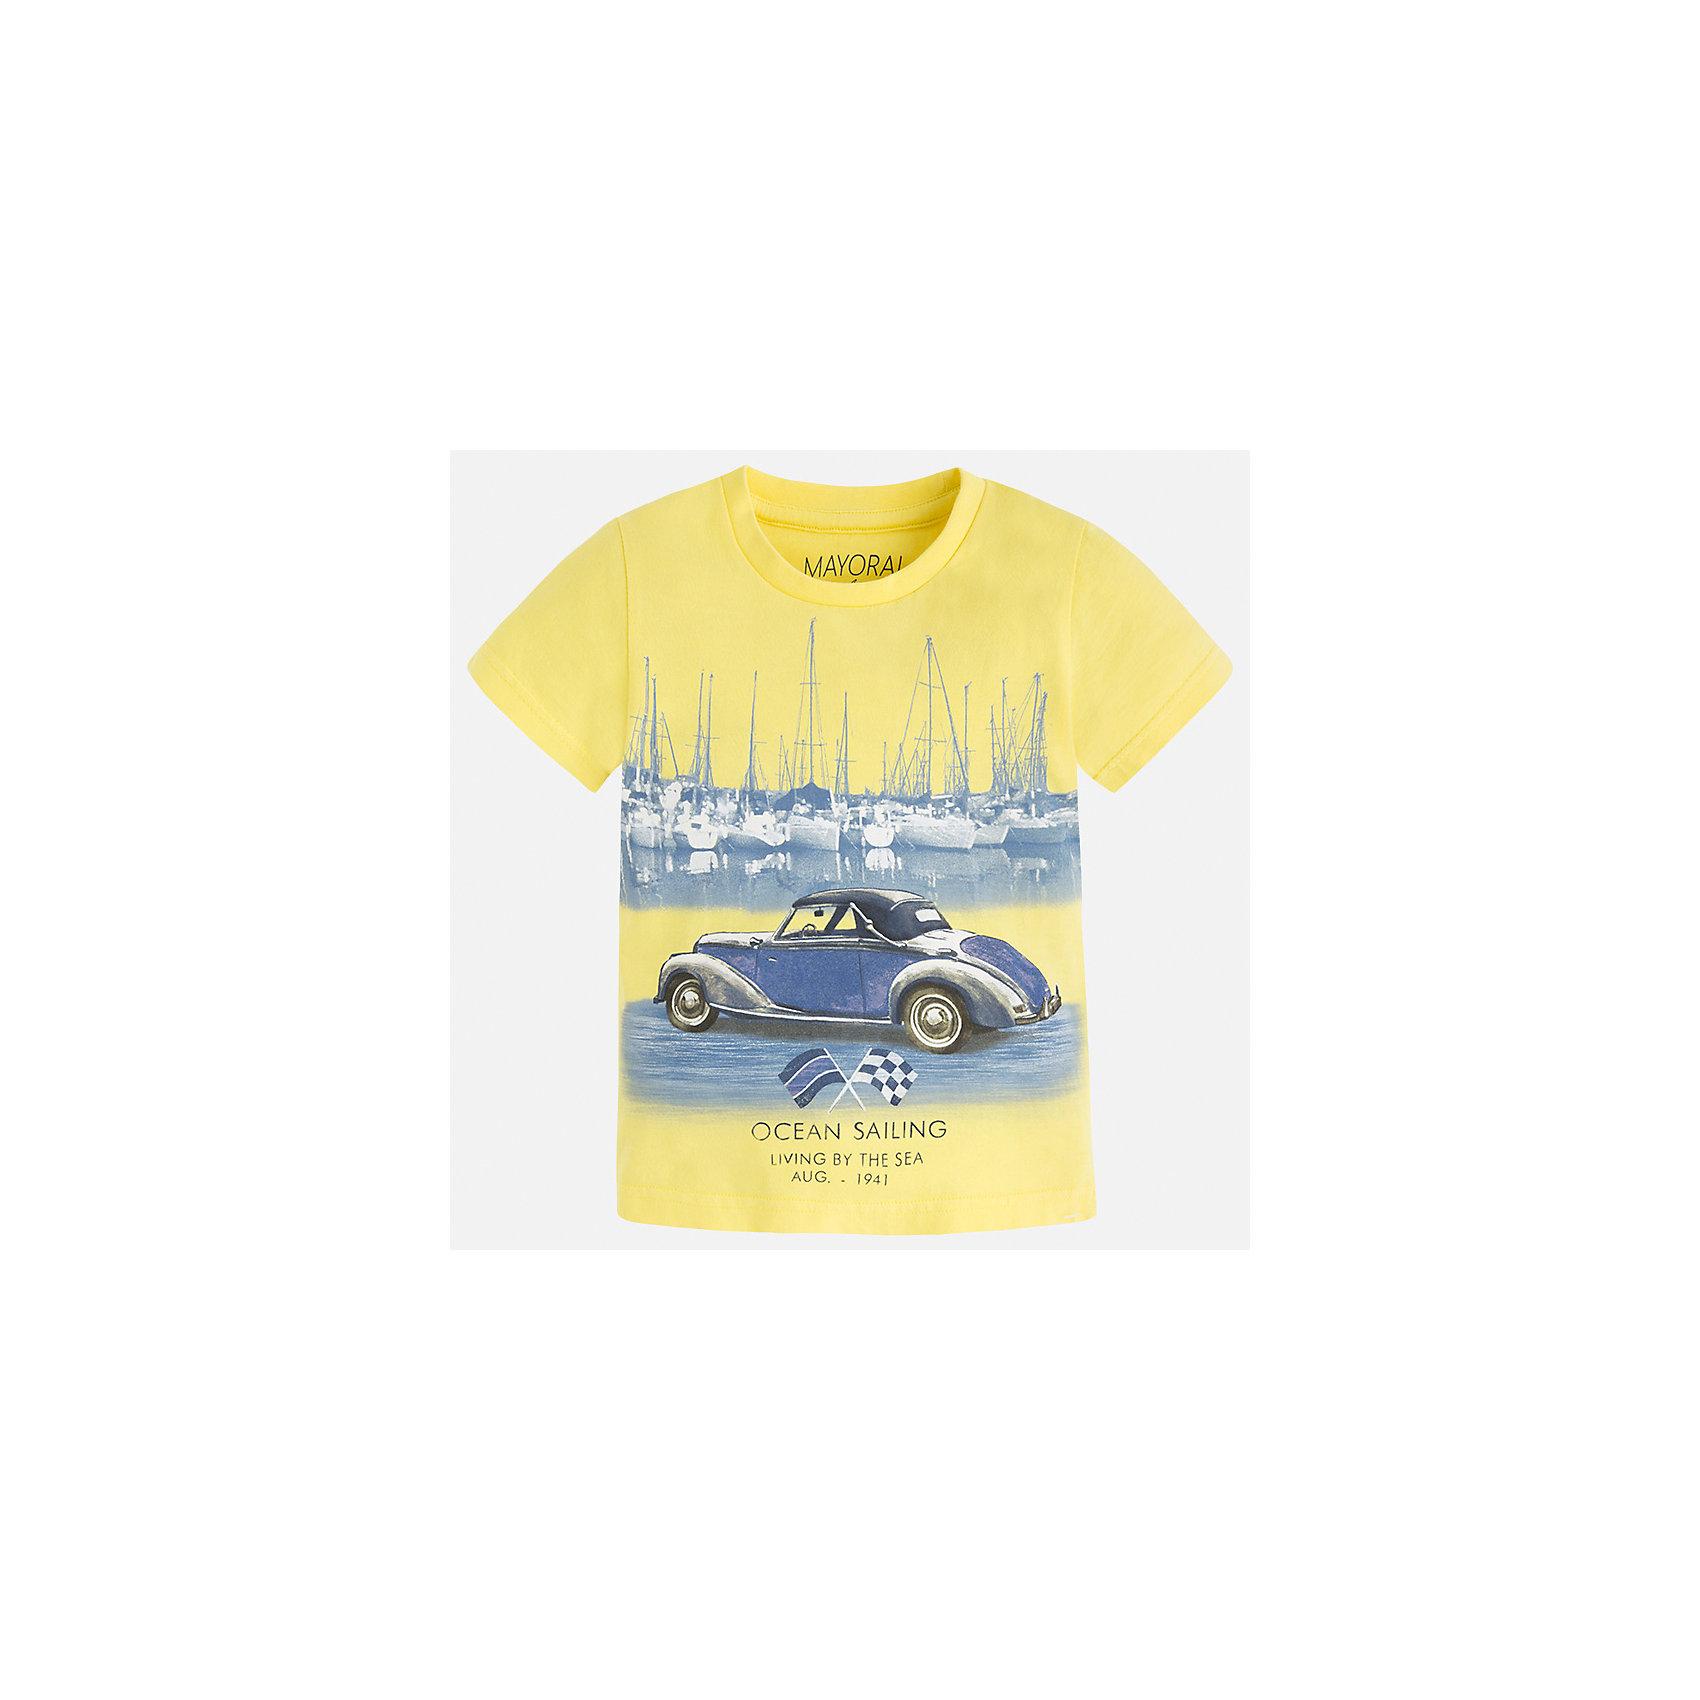 Футболка для мальчика MayoralФутболки, поло и топы<br>Характеристики товара:<br><br>• цвет: желтый<br>• состав: 100% хлопок<br>• круглый горловой вырез<br>• принт впереди<br>• короткие рукава<br>• отделка горловины<br>• страна бренда: Испания<br><br>Стильная футболка с принтом поможет разнообразить гардероб мальчика. Она отлично сочетается с брюками, шортами, джинсами и т.д. Универсальный крой и цвет позволяет подобрать к вещи низ разных расцветок. Практичное и стильное изделие! В составе материала - только натуральный хлопок, гипоаллергенный, приятный на ощупь, дышащий.<br><br>Одежда, обувь и аксессуары от испанского бренда Mayoral полюбились детям и взрослым по всему миру. Модели этой марки - стильные и удобные. Для их производства используются только безопасные, качественные материалы и фурнитура. Порадуйте ребенка модными и красивыми вещами от Mayoral! <br><br>Футболку для мальчика от испанского бренда Mayoral (Майорал) можно купить в нашем интернет-магазине.<br><br>Ширина мм: 199<br>Глубина мм: 10<br>Высота мм: 161<br>Вес г: 151<br>Цвет: желтый<br>Возраст от месяцев: 18<br>Возраст до месяцев: 24<br>Пол: Мужской<br>Возраст: Детский<br>Размер: 134,128,122,116,110,104,98,92<br>SKU: 5279755